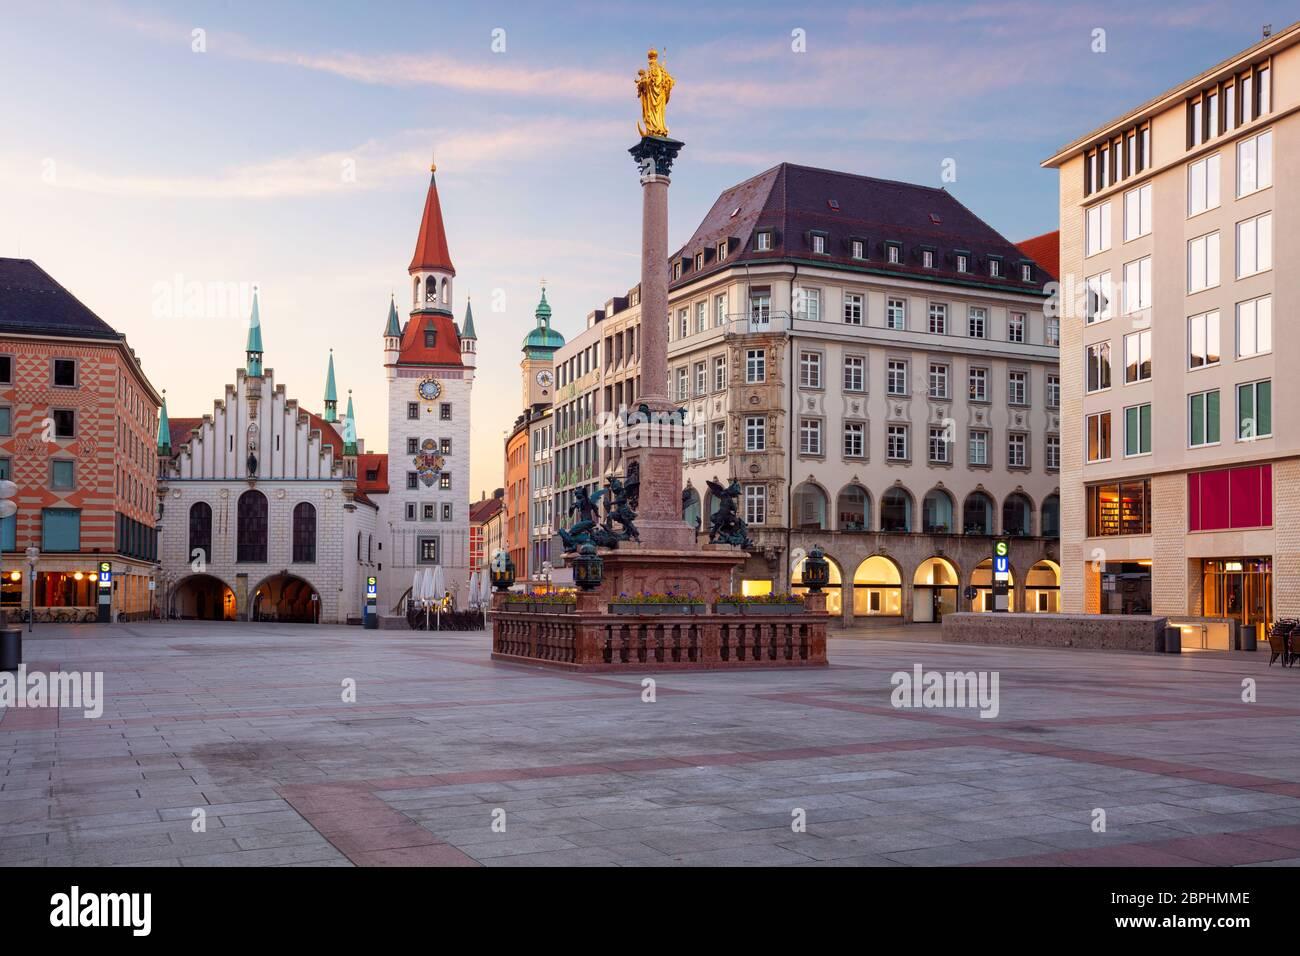 Munich. Image de paysage urbain de la place Marien à Munich, Allemagne au lever du soleil. Banque D'Images